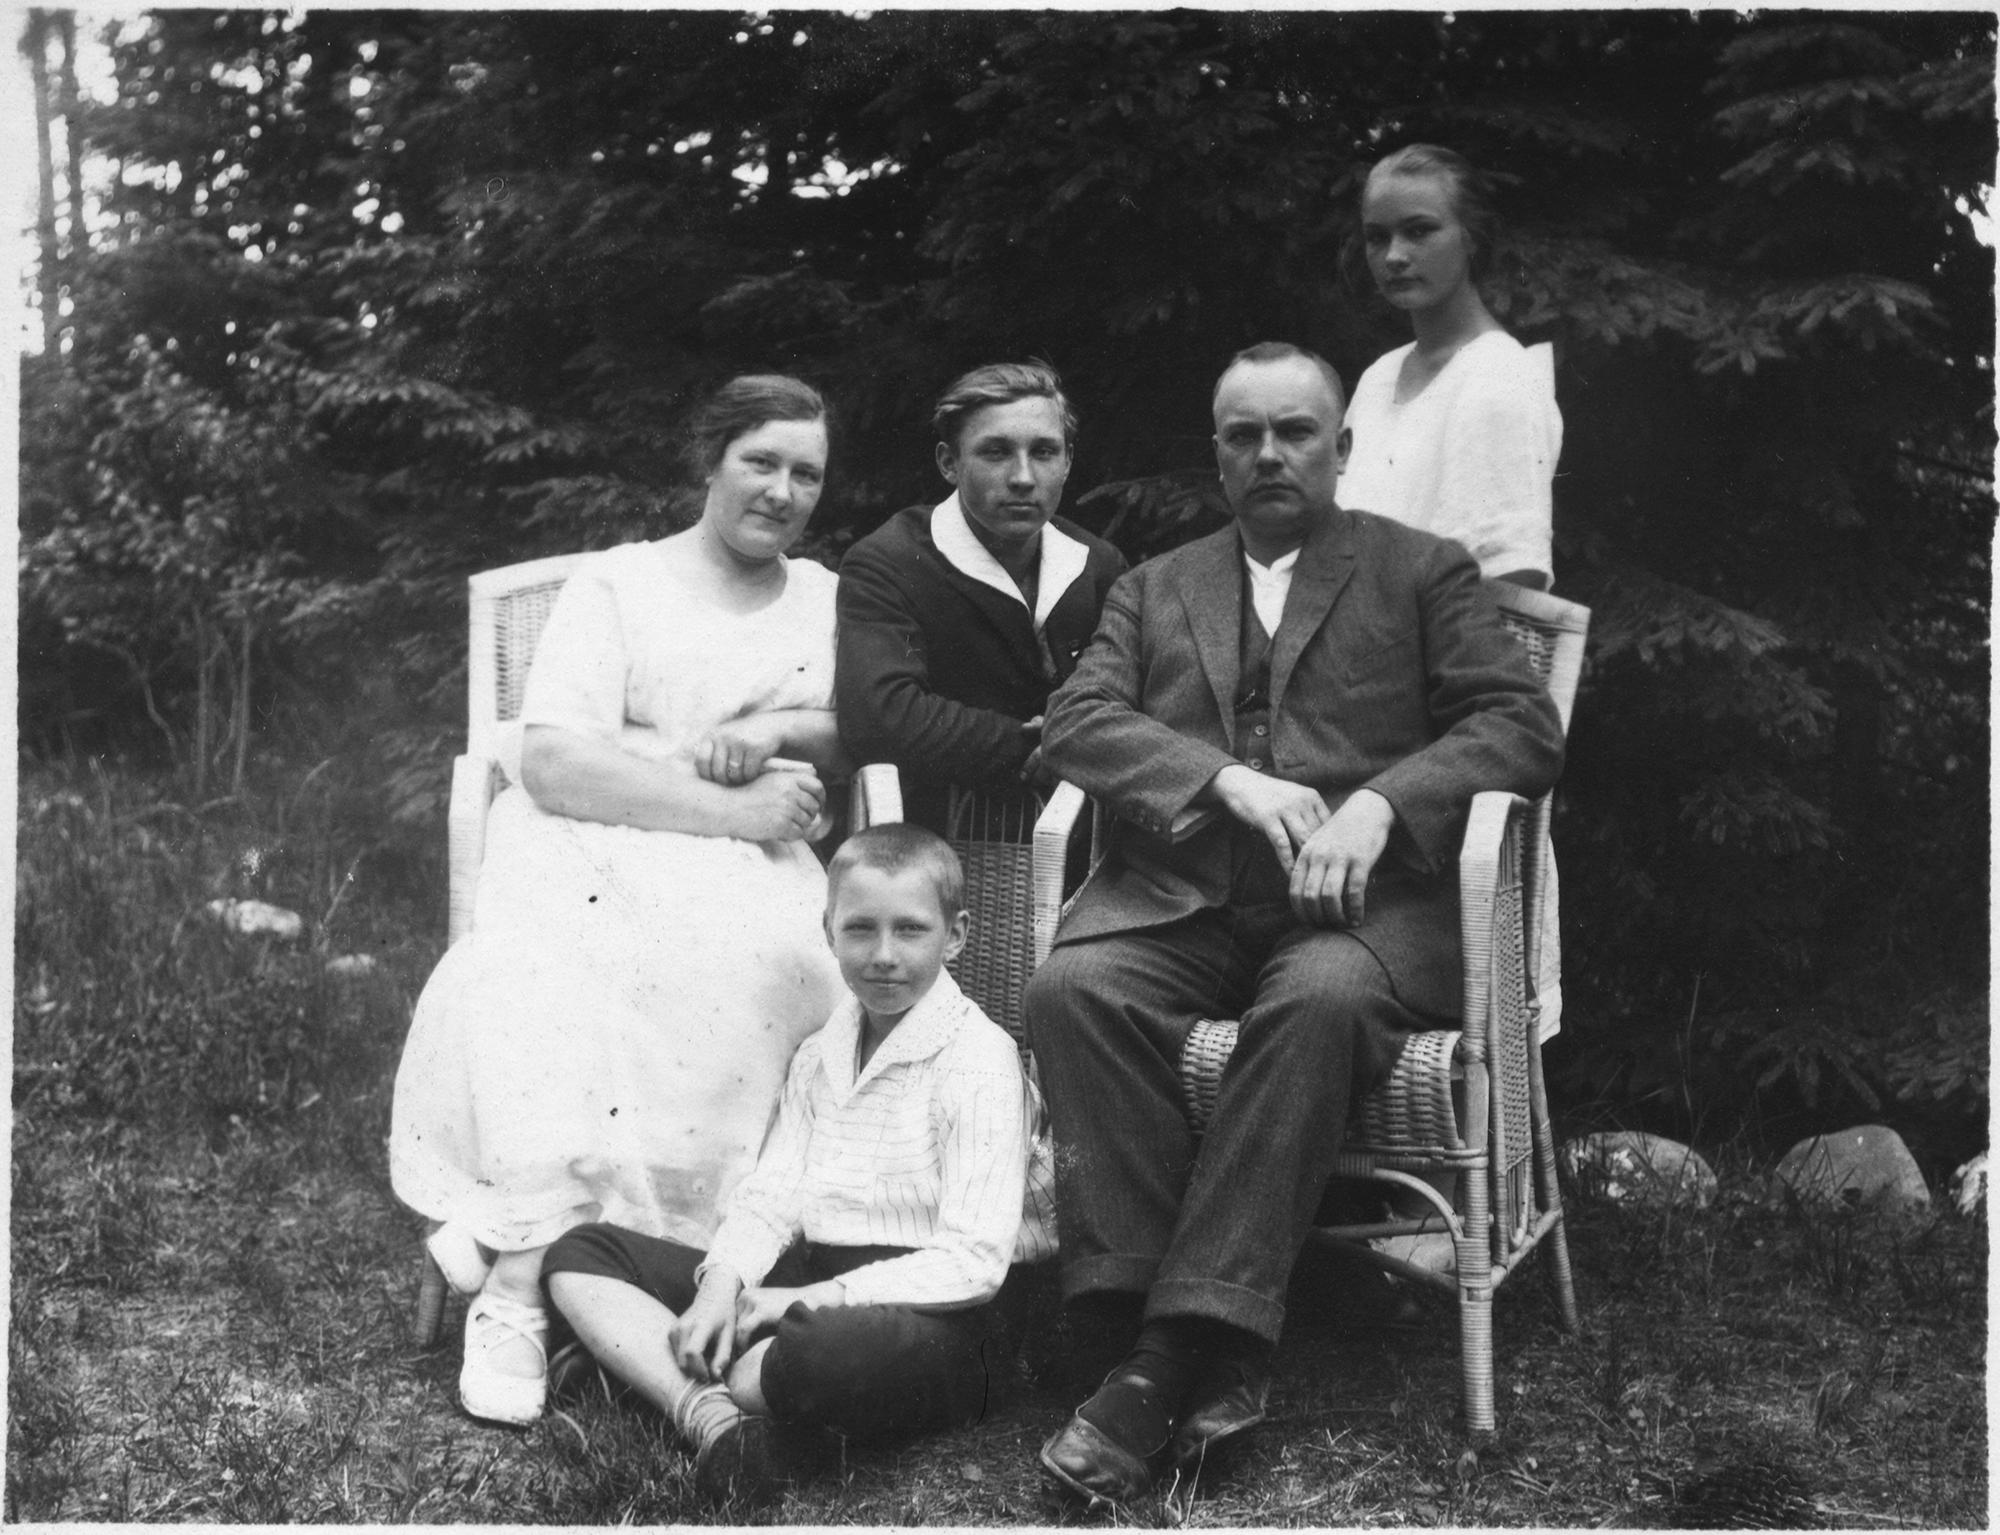 Ettevõtja Jaan Zimmermanni perekond Metsarahu villa õuel 1935. aasta juulis. Foto: Tedrekin / Wikipedia Commons (CC BY-SA 4.0)